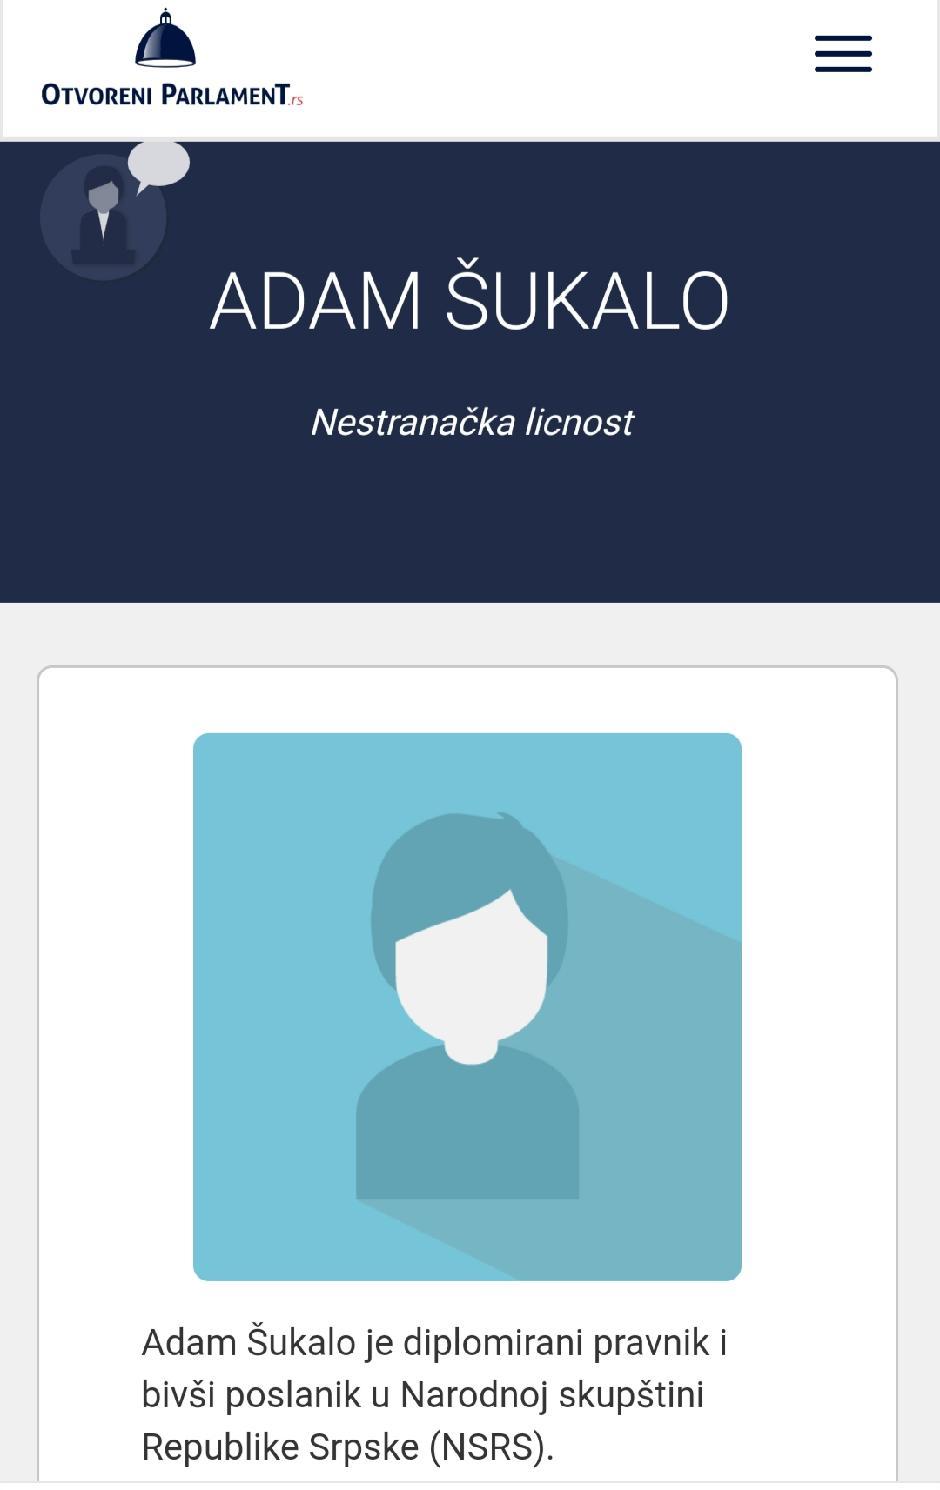 Adam Šukalo...